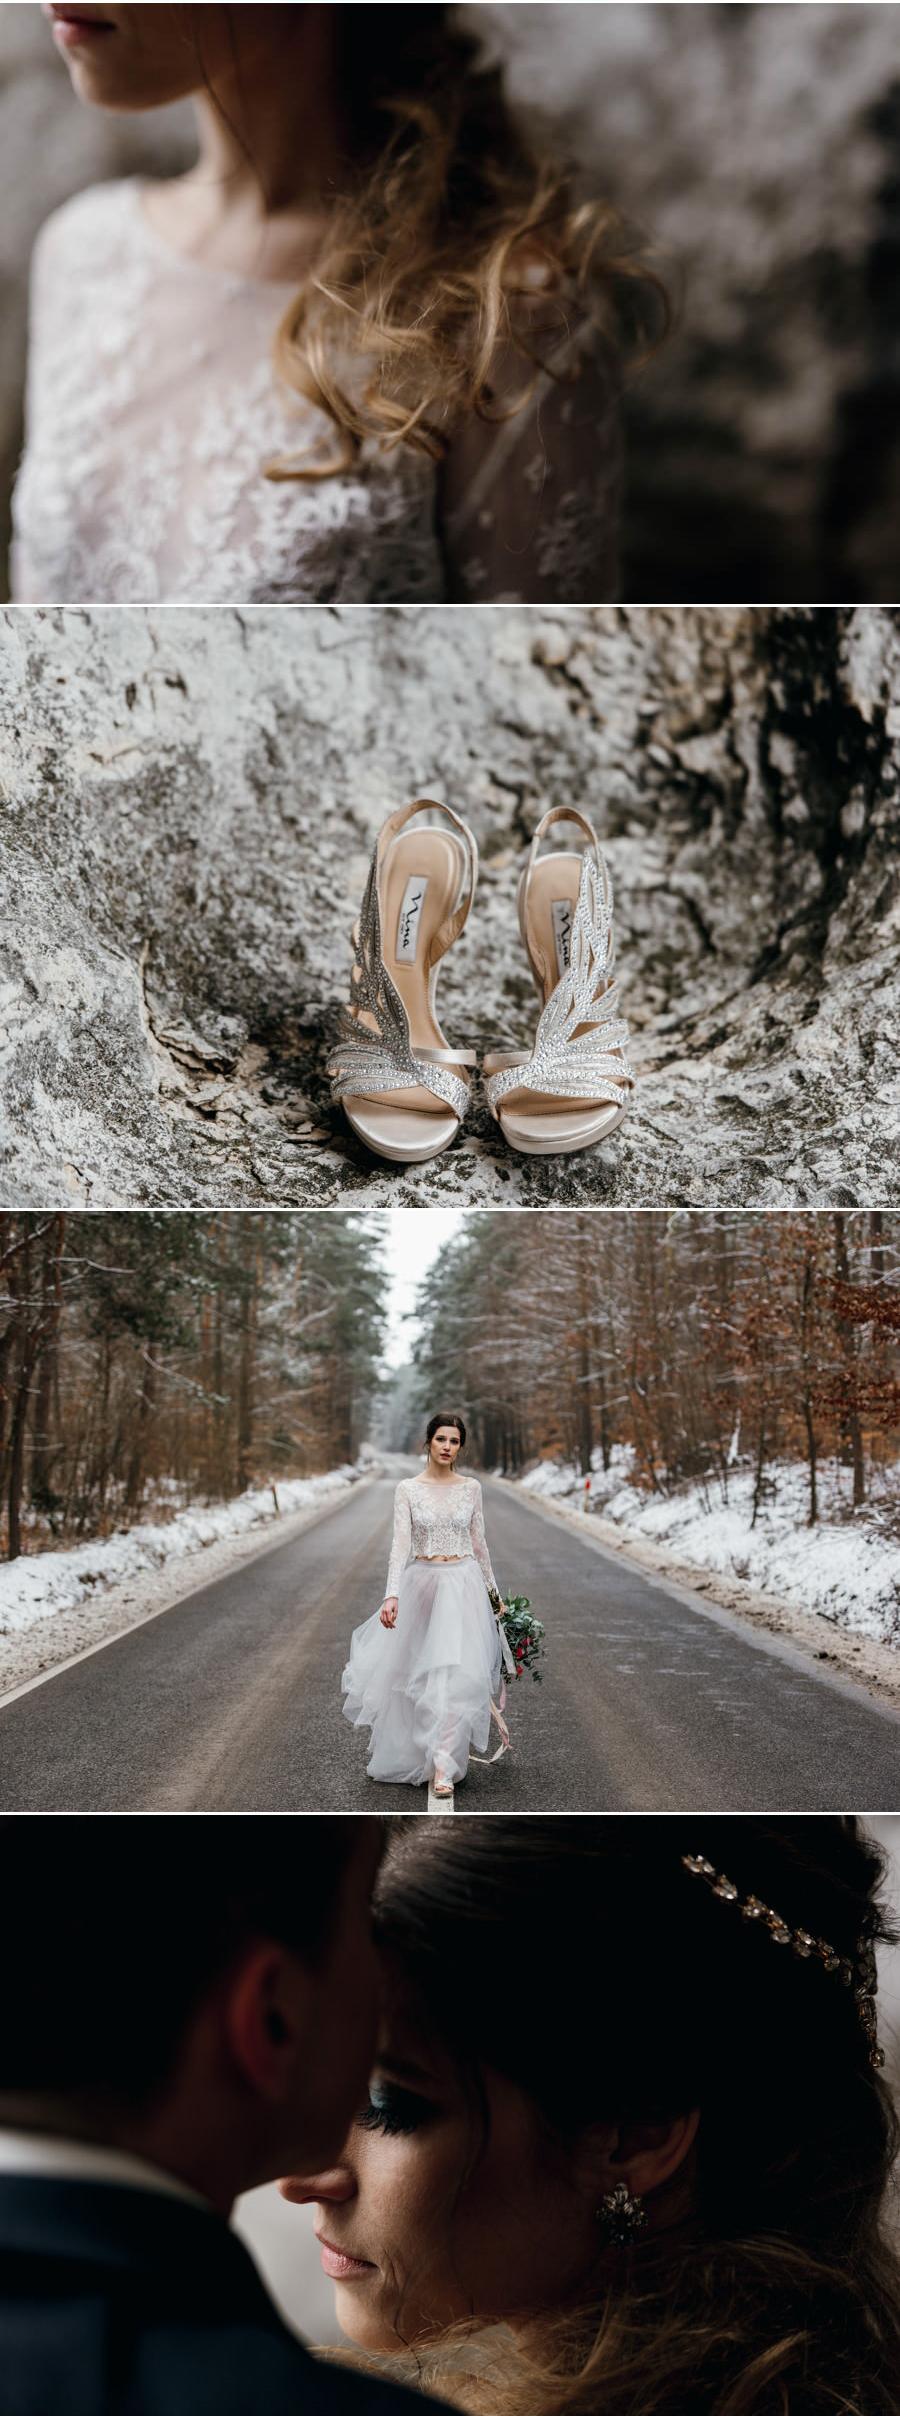 Suknia ślubna Sylwii Kopczyńskiej. Najpiękniejsze suknie ślubne w Krakowie Bellovelo.